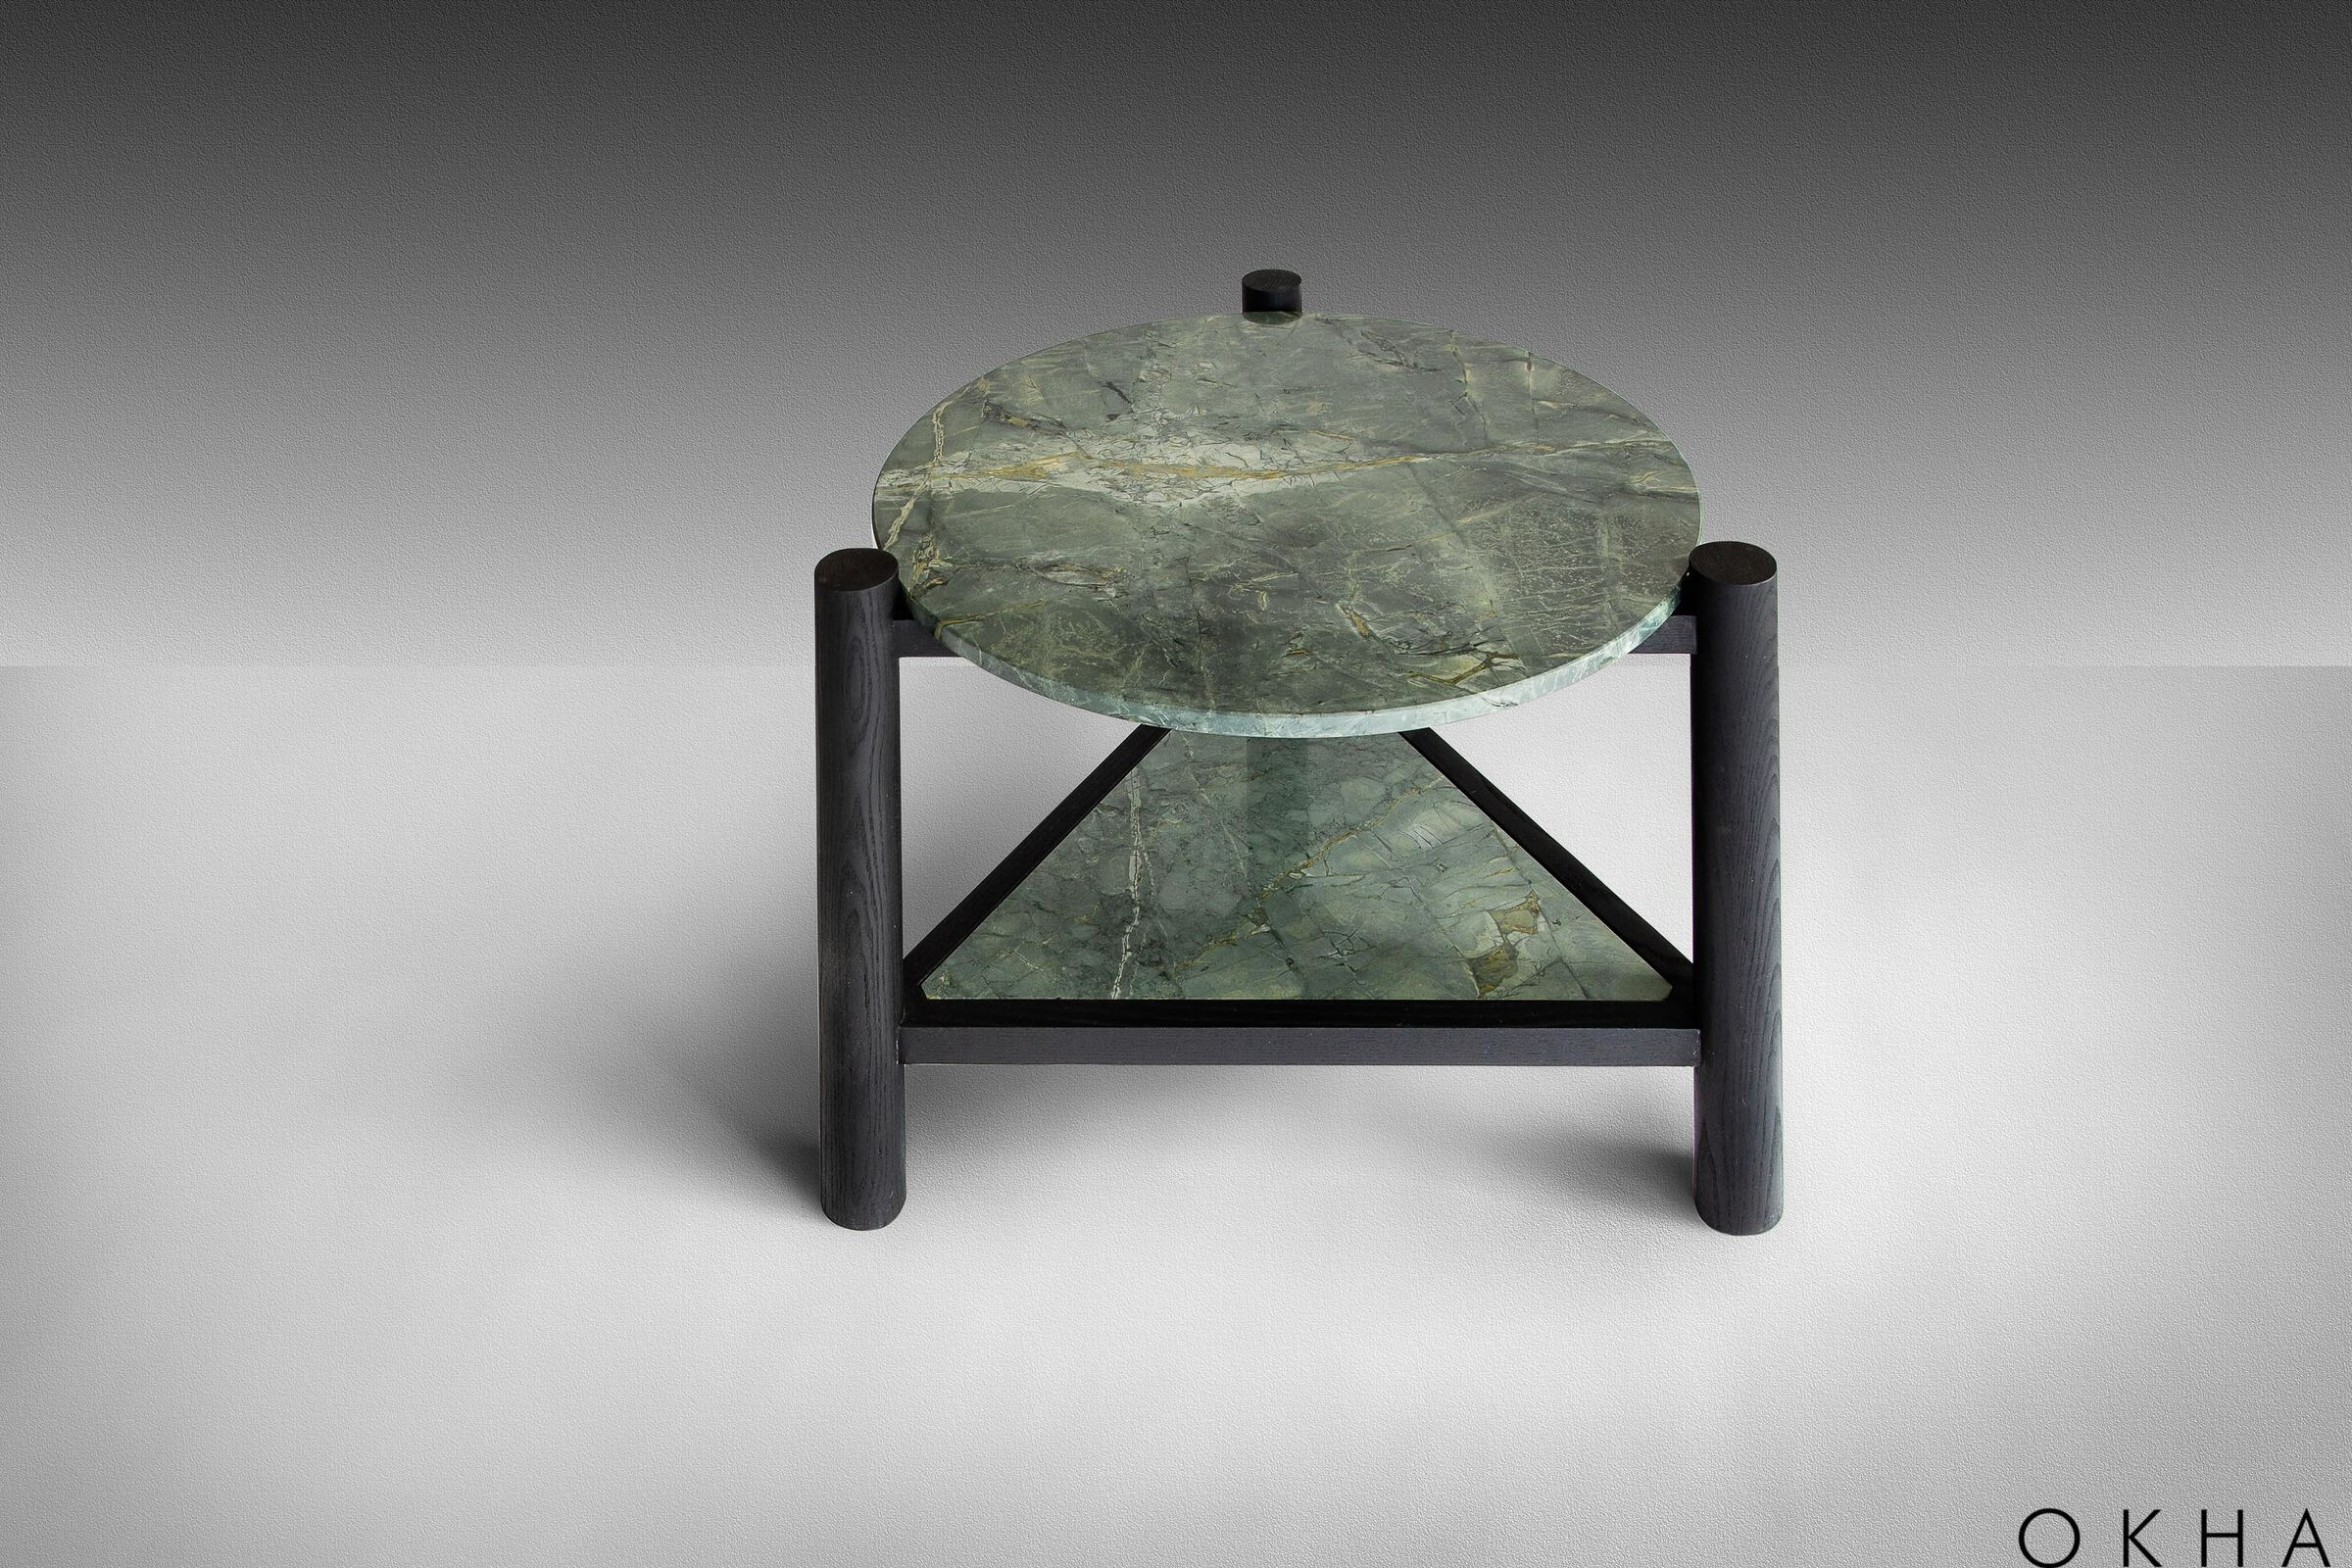 tables furniture archello rh archello com